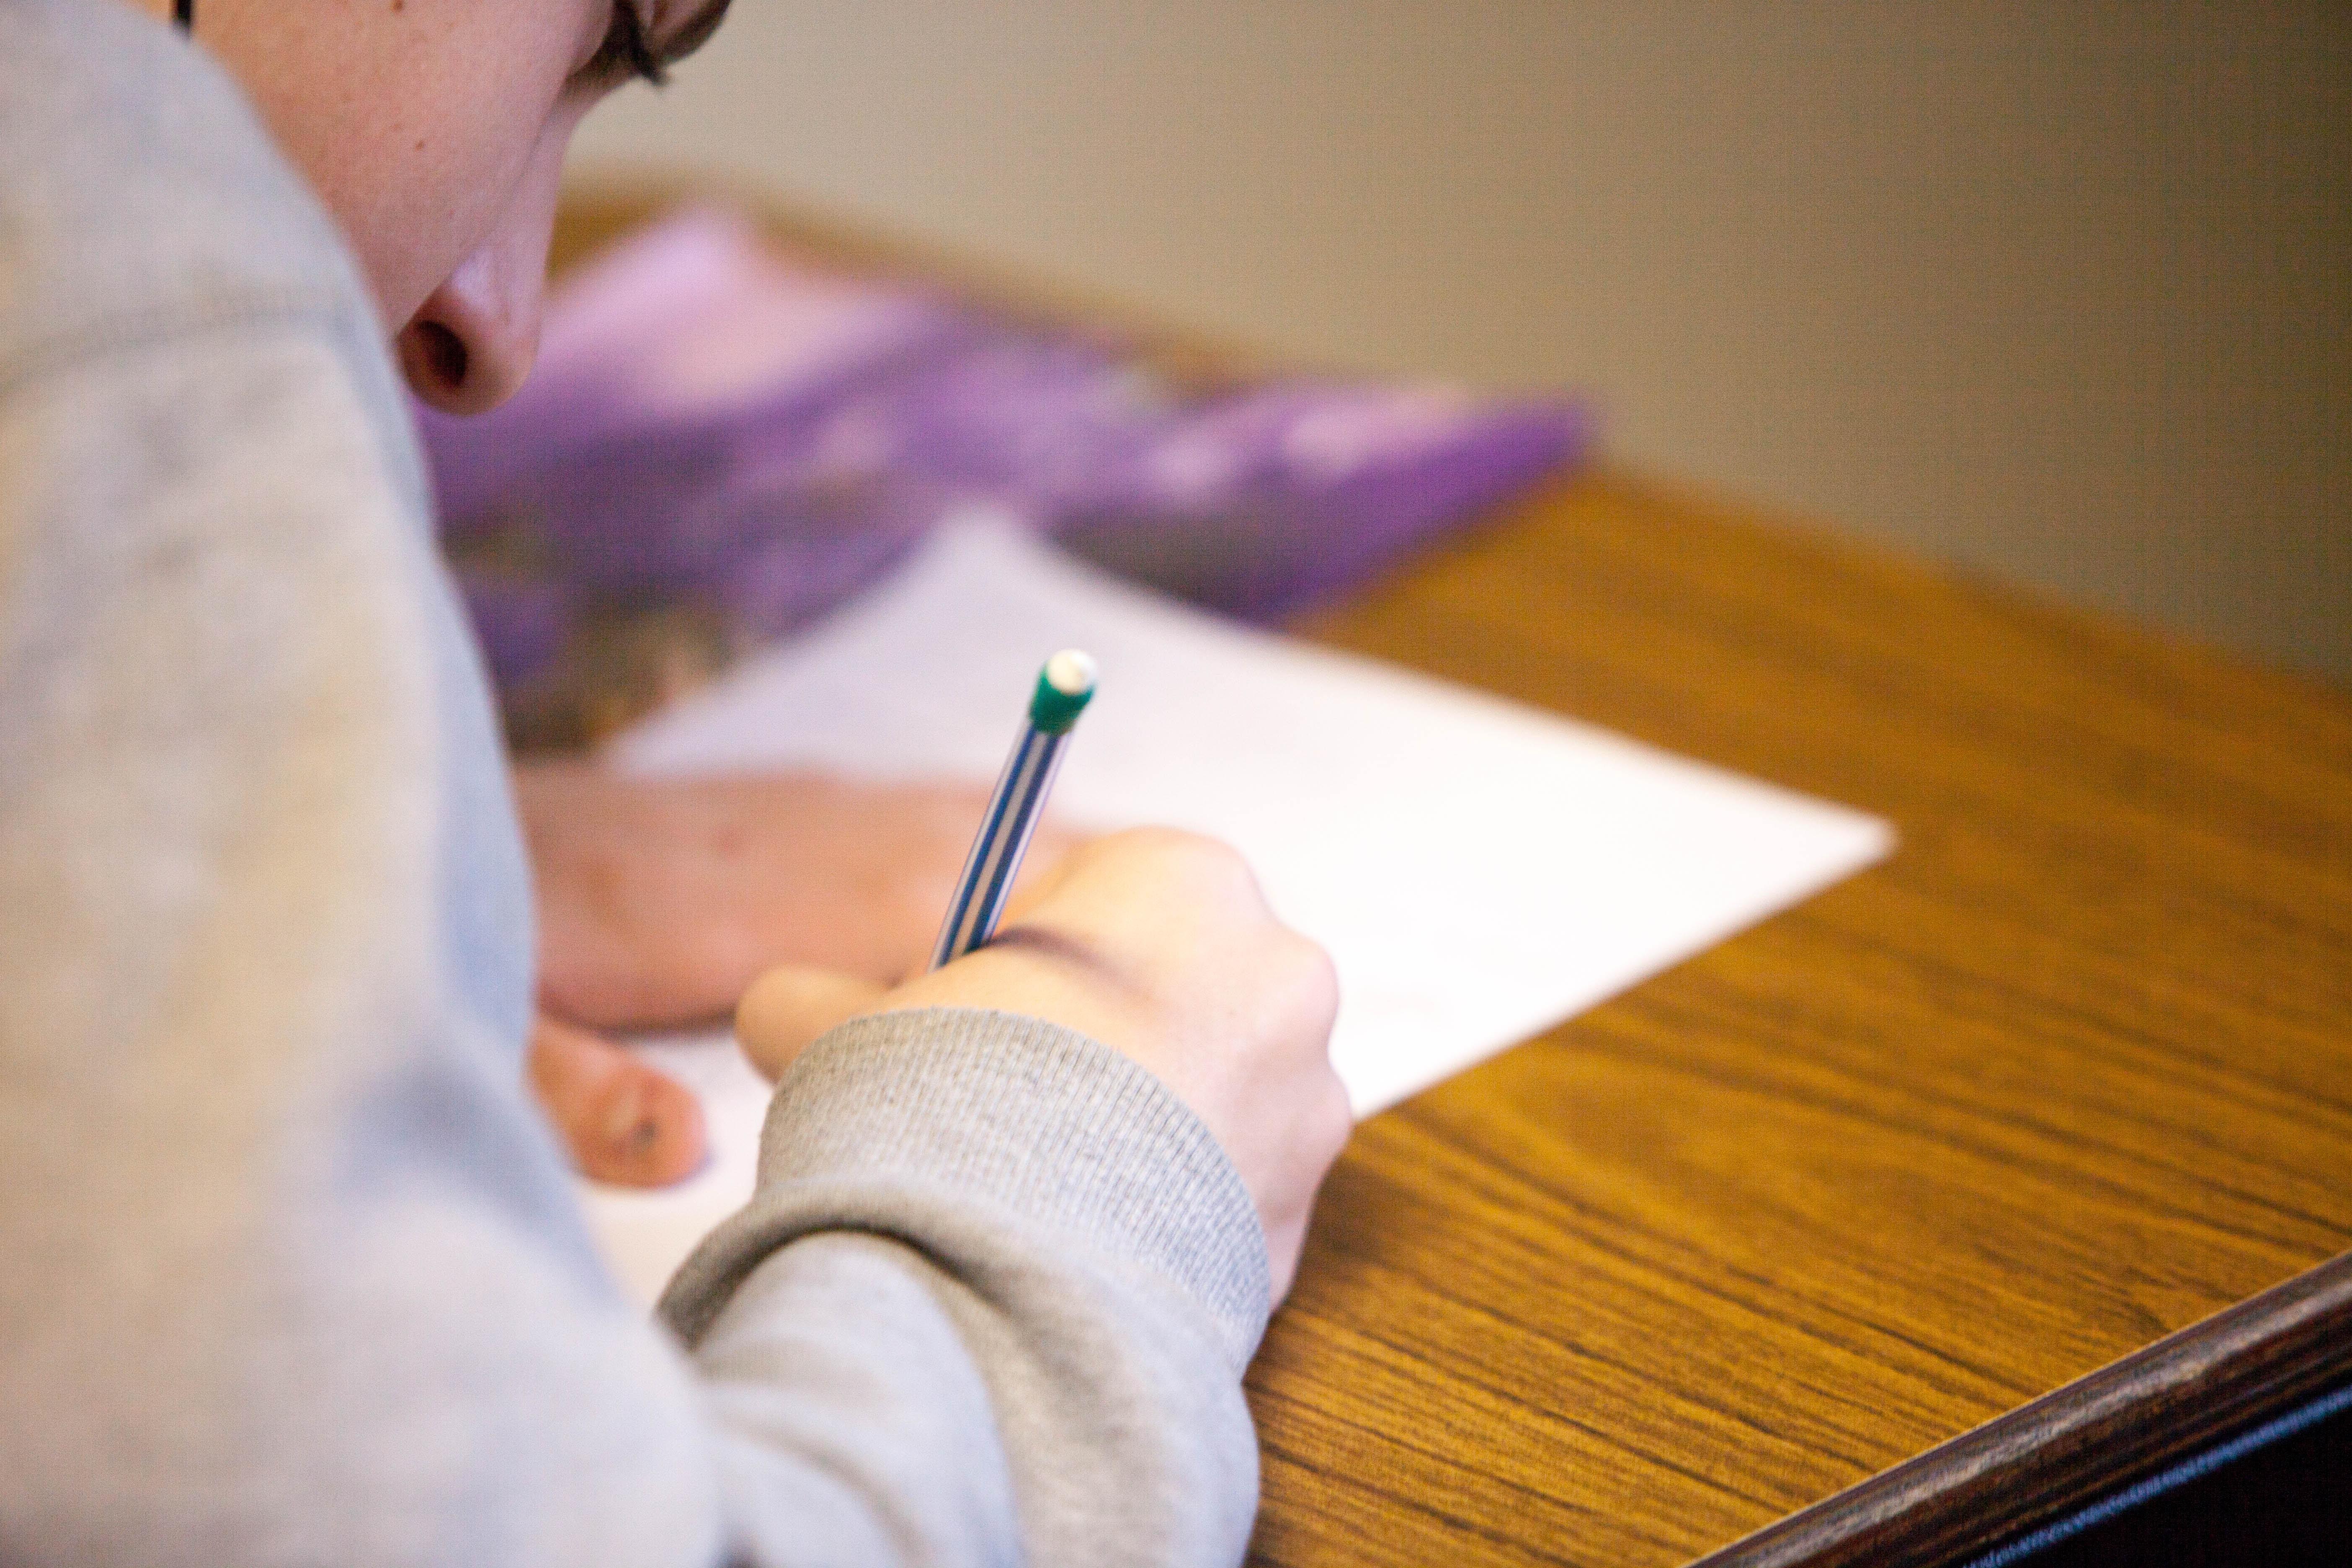 Abierta las convocatorias de exámenes de HABE 2019